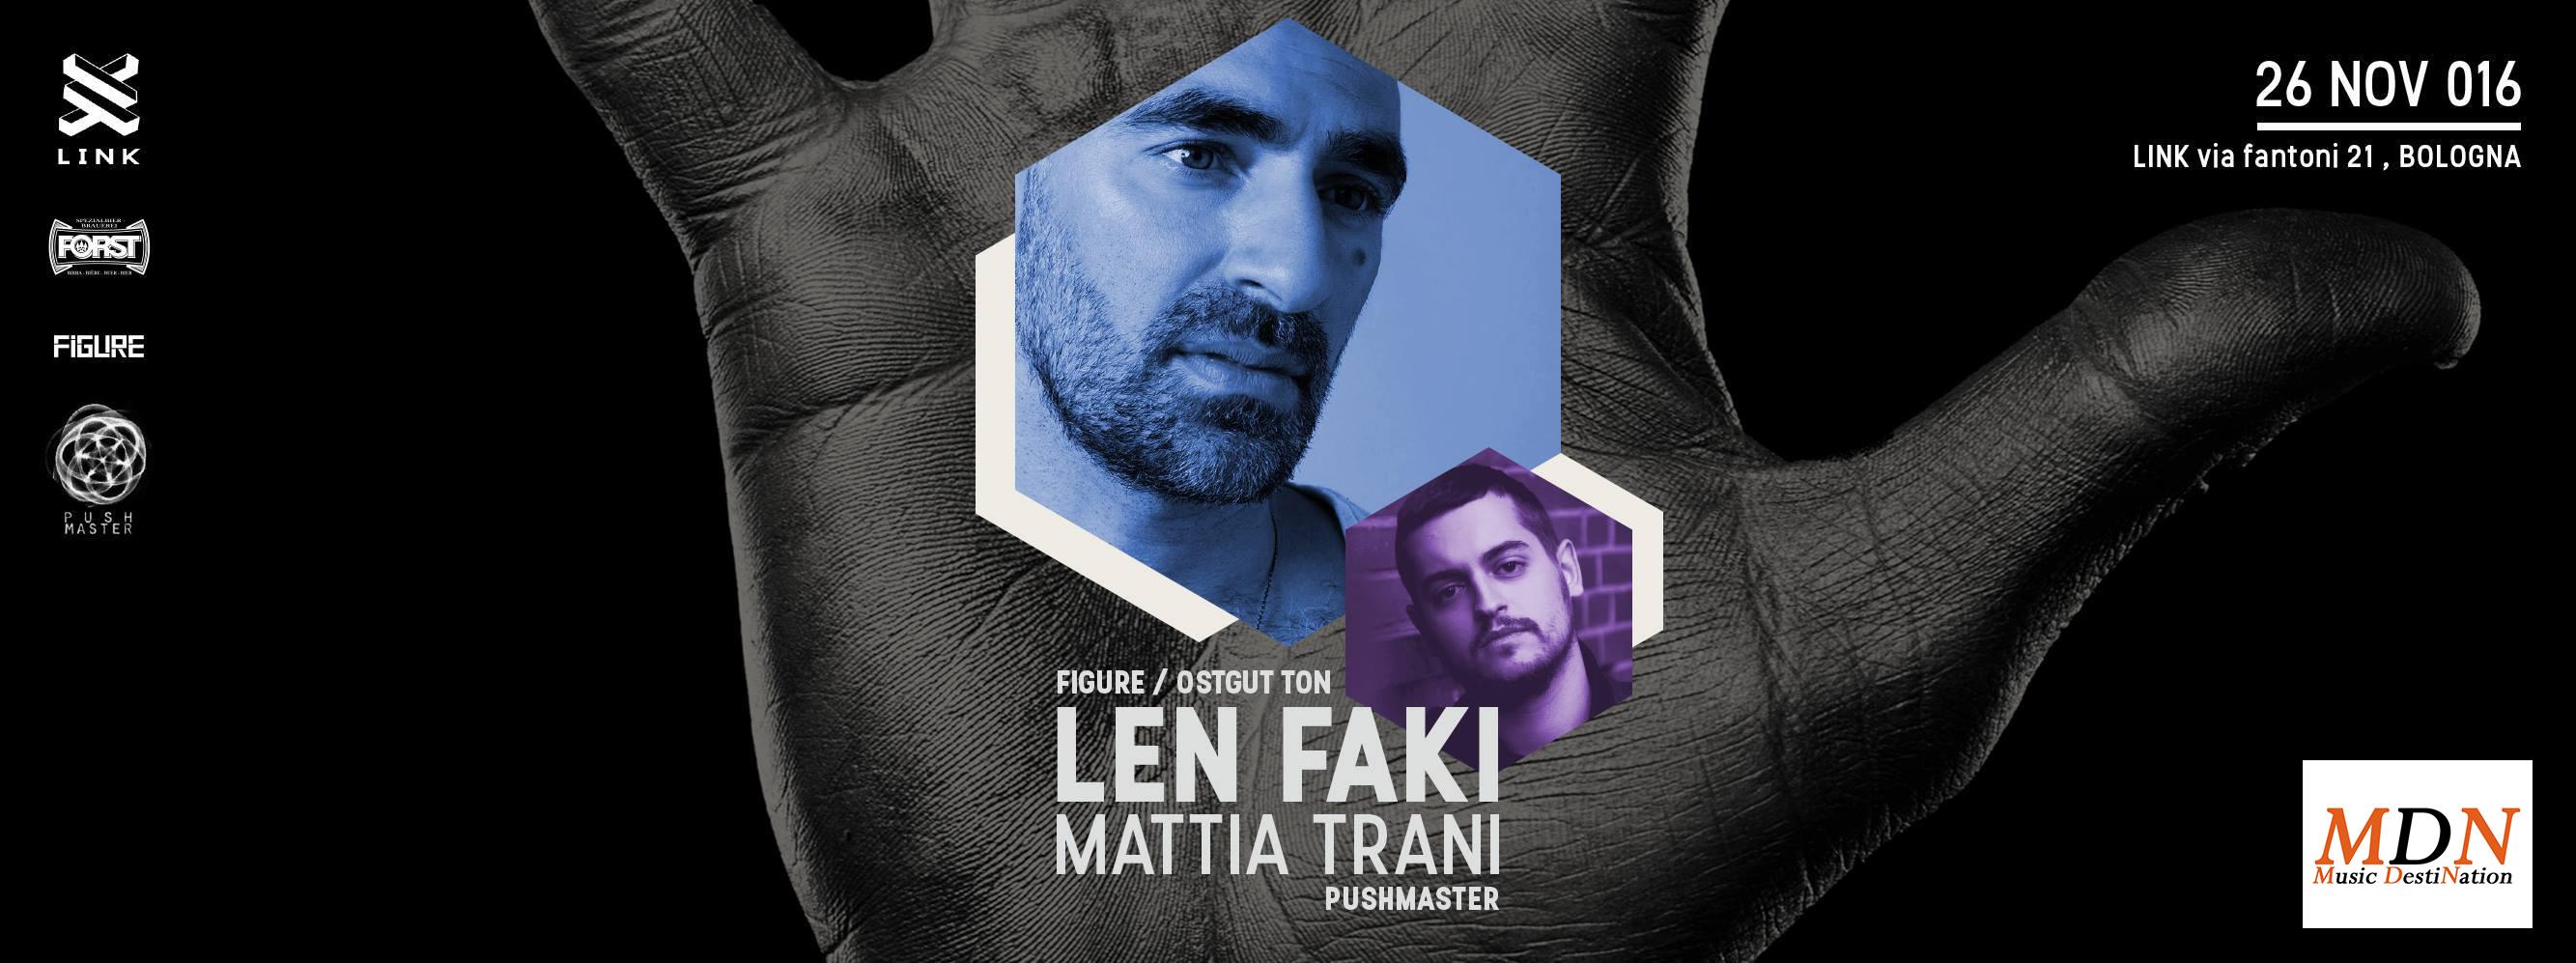 len-faki-link-bologna-26-novembre2016